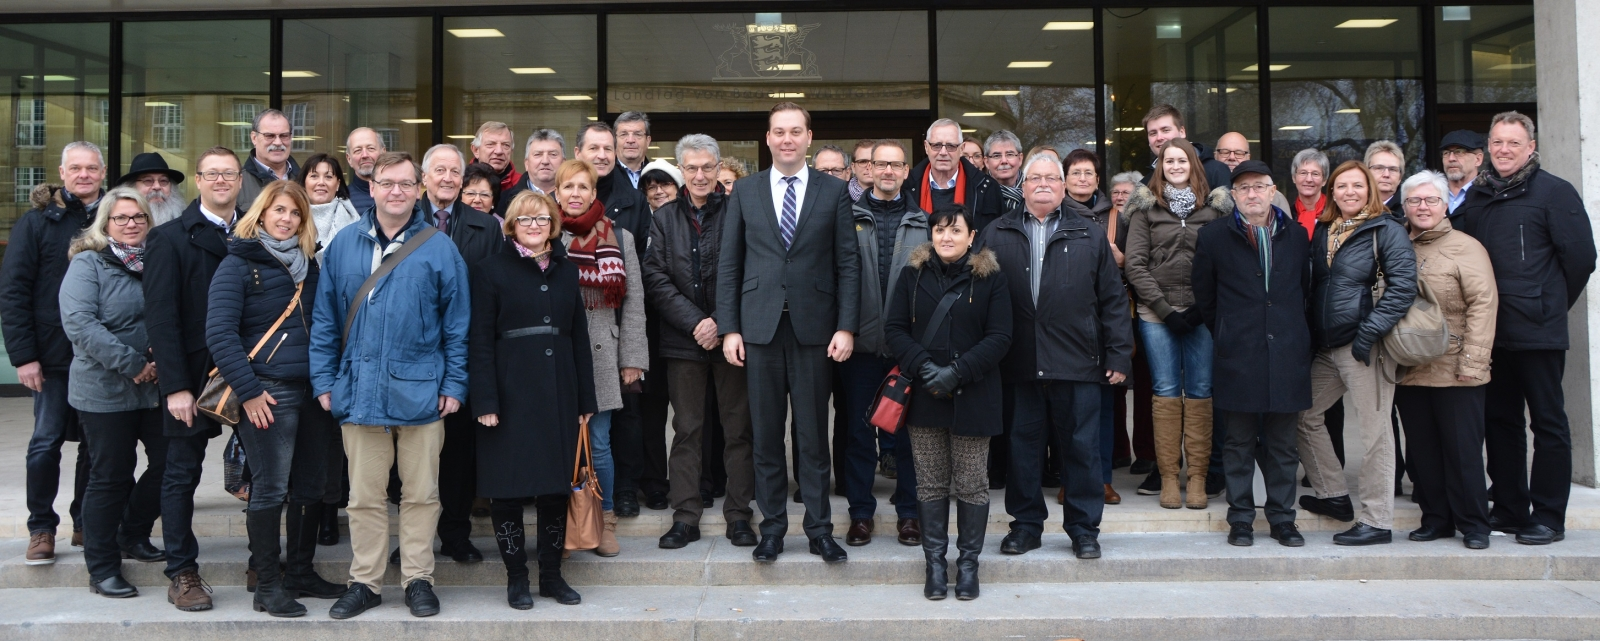 Schreiner In Stuttgart delegation bei mdl felix schreiner in stuttgart cdu ortsverband murg